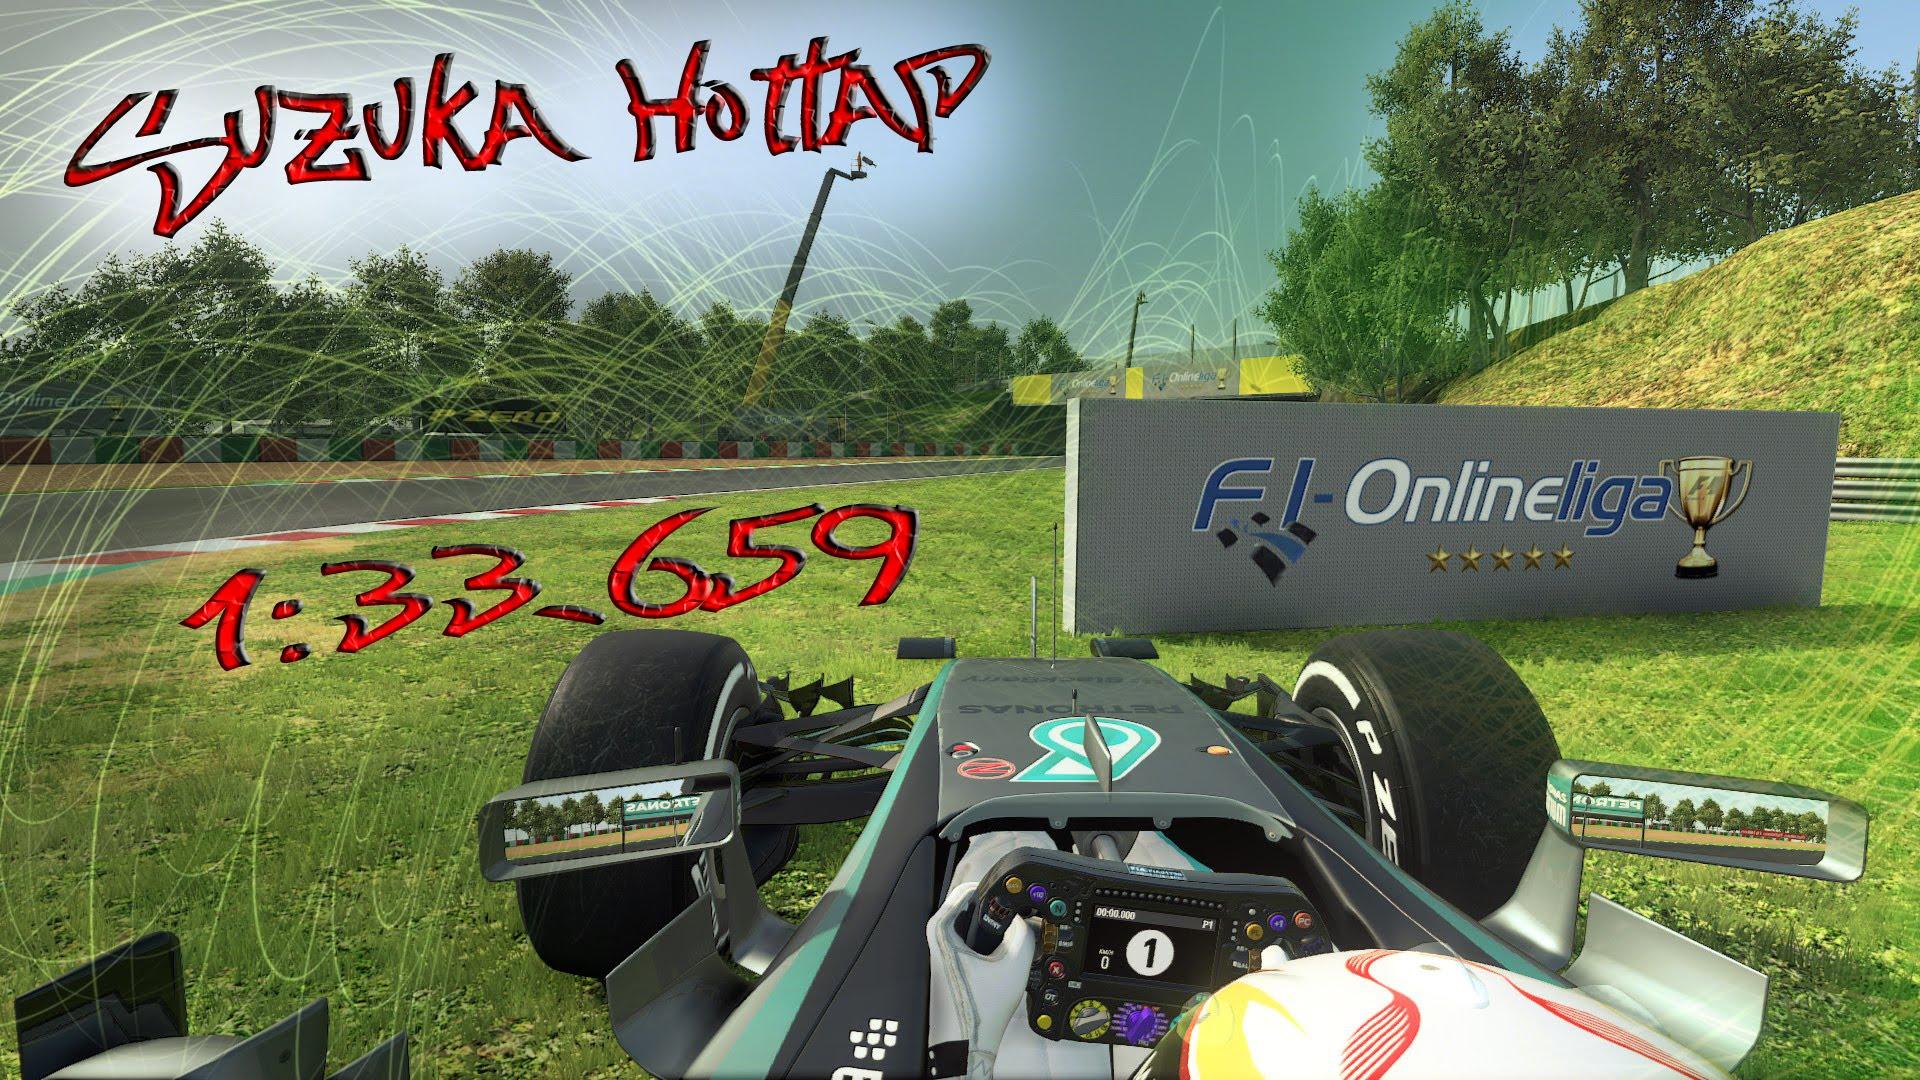 F1 2015 | Suzuka Online Hotlap | 1:33.659 + Setup *No Assists